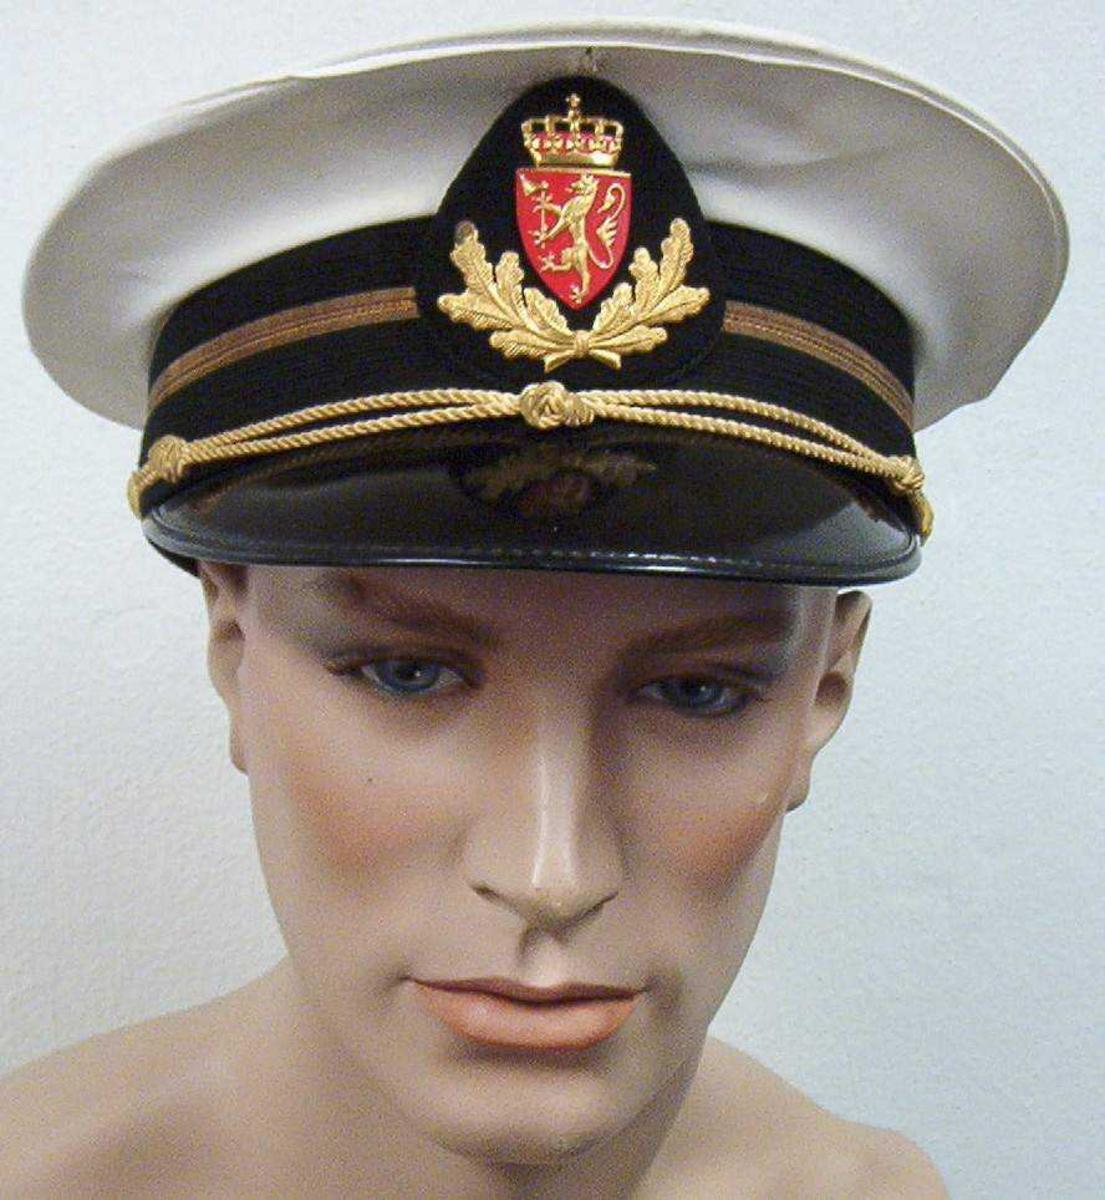 Hvit uniformslue med sort luebånd med en gullstripe, sort lakkskjerm og gulltresse. Luemerket er riksvåpenet med eikegreiner på dråpeformet stoffmerke.